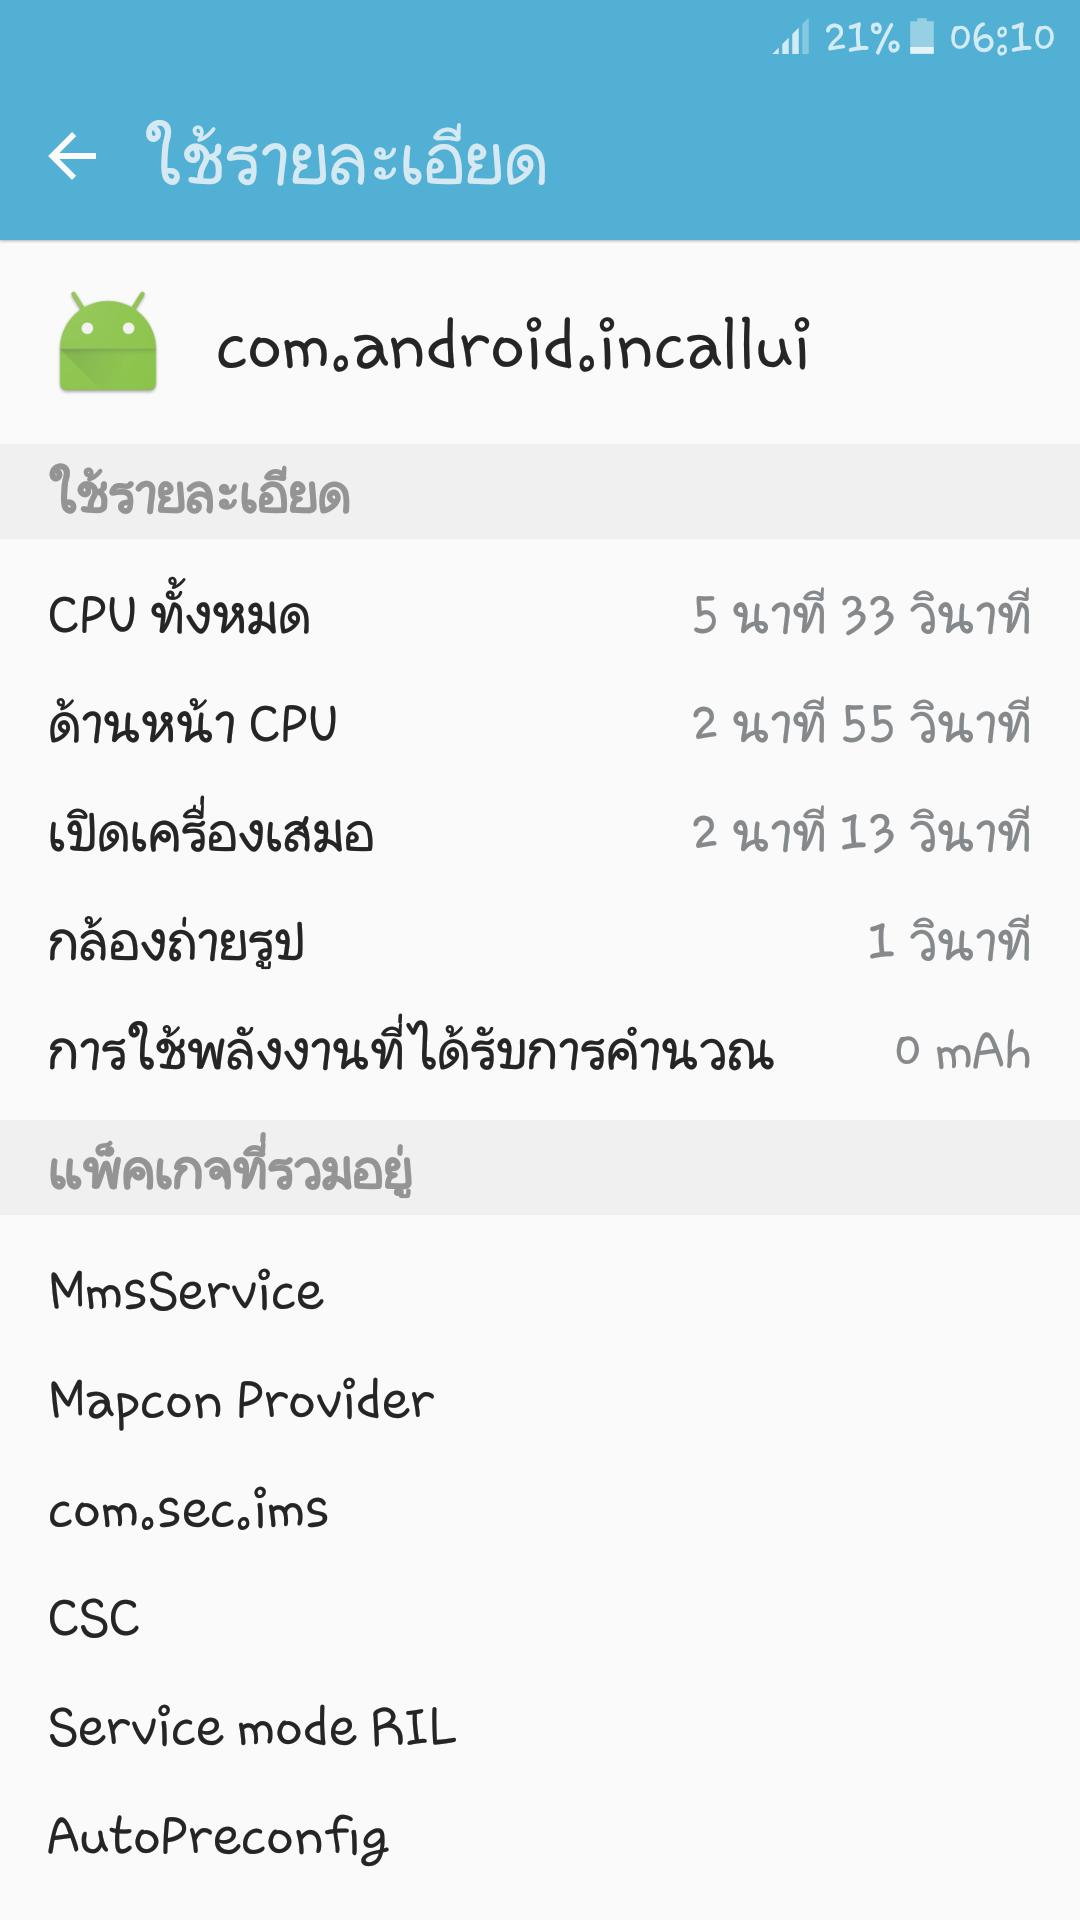 """Samsung À¸¢ À¸‡à¹""""งก À¸™à¹†à¹†à¹†à¹† À¸›à¸¥à¸à¸""""ภ À¸¢à¹""""หมเน À¸¢ Pantip"""